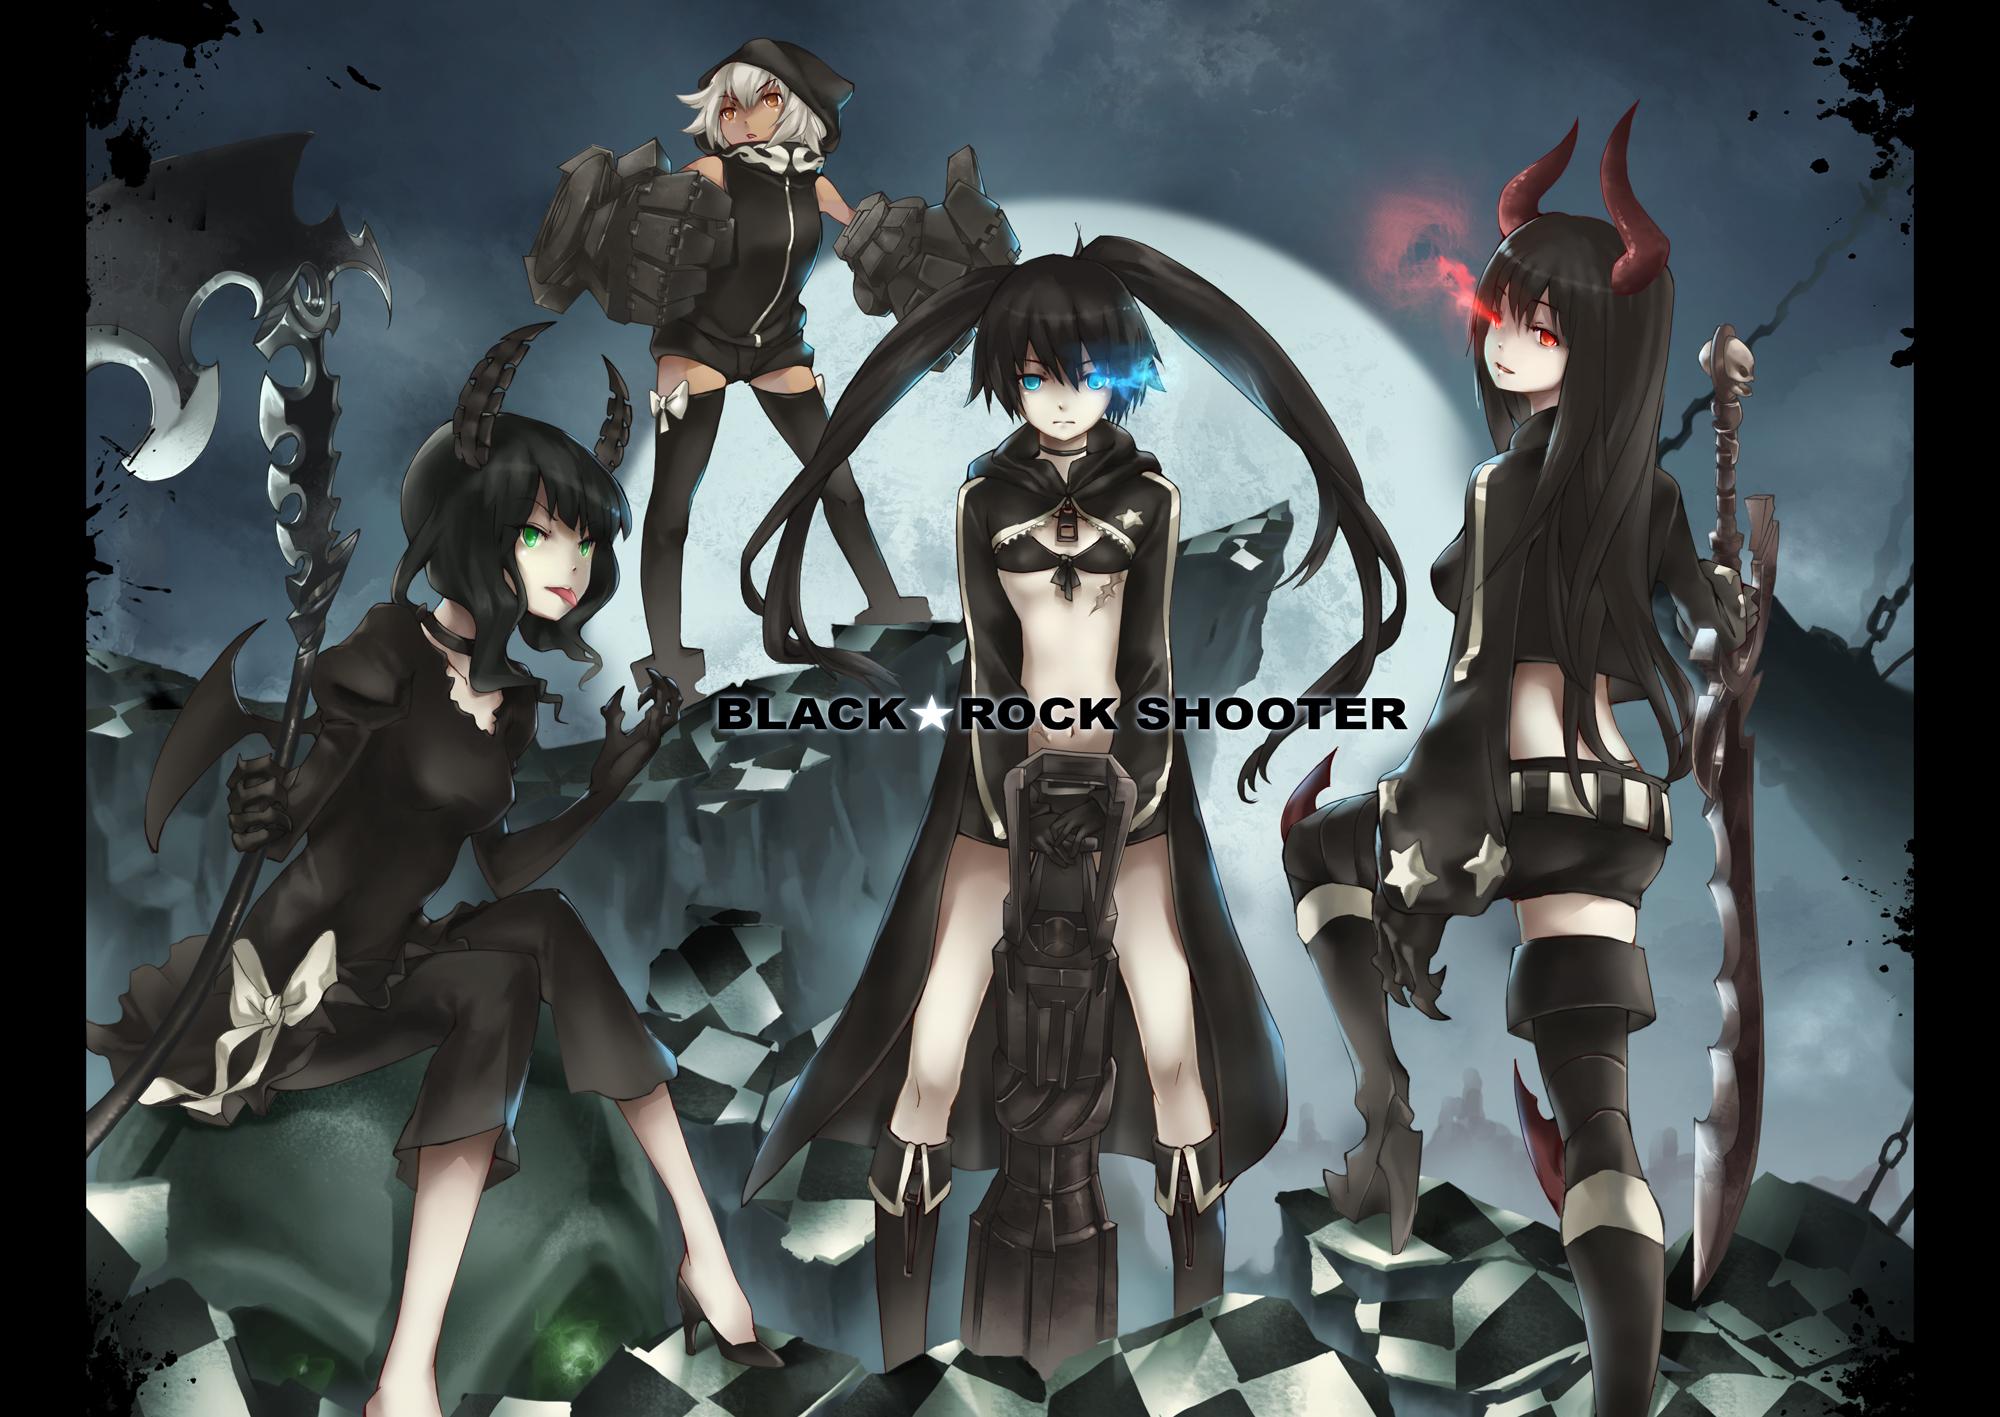 black_rock_shooter hoodie irino_saya koutari_yuu kuroi_mato takanashi_yomi